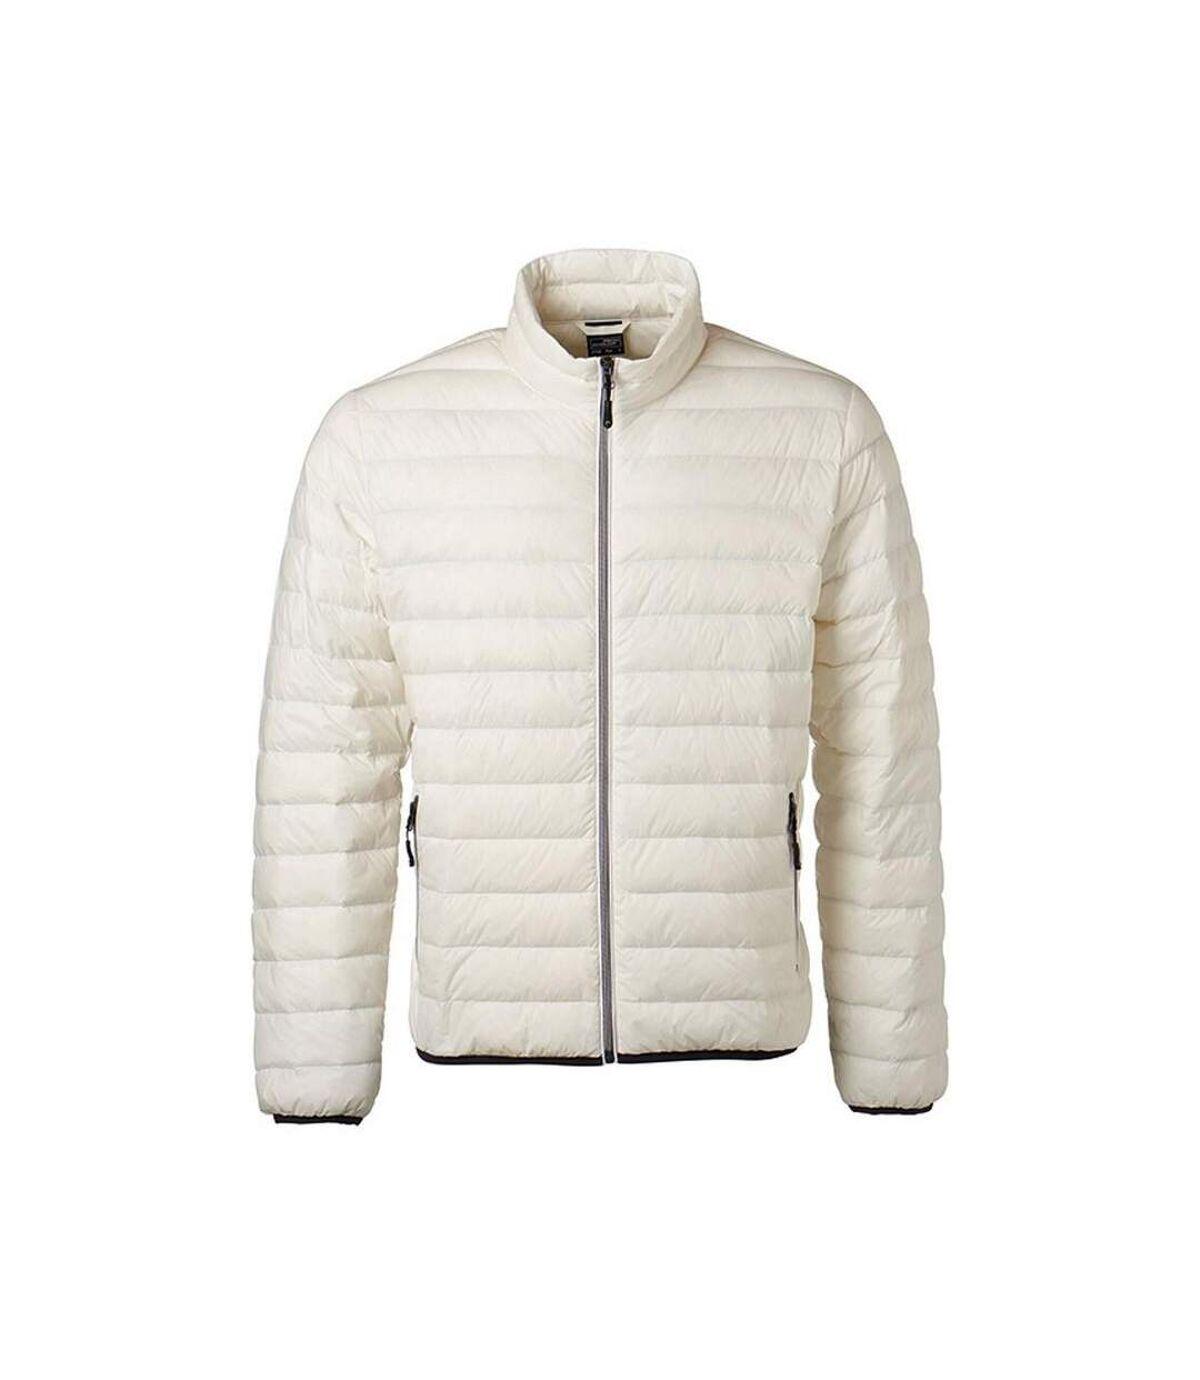 James and Nicholson Mens Light Down Jacket (Off-White/Off-White) - UTFU474